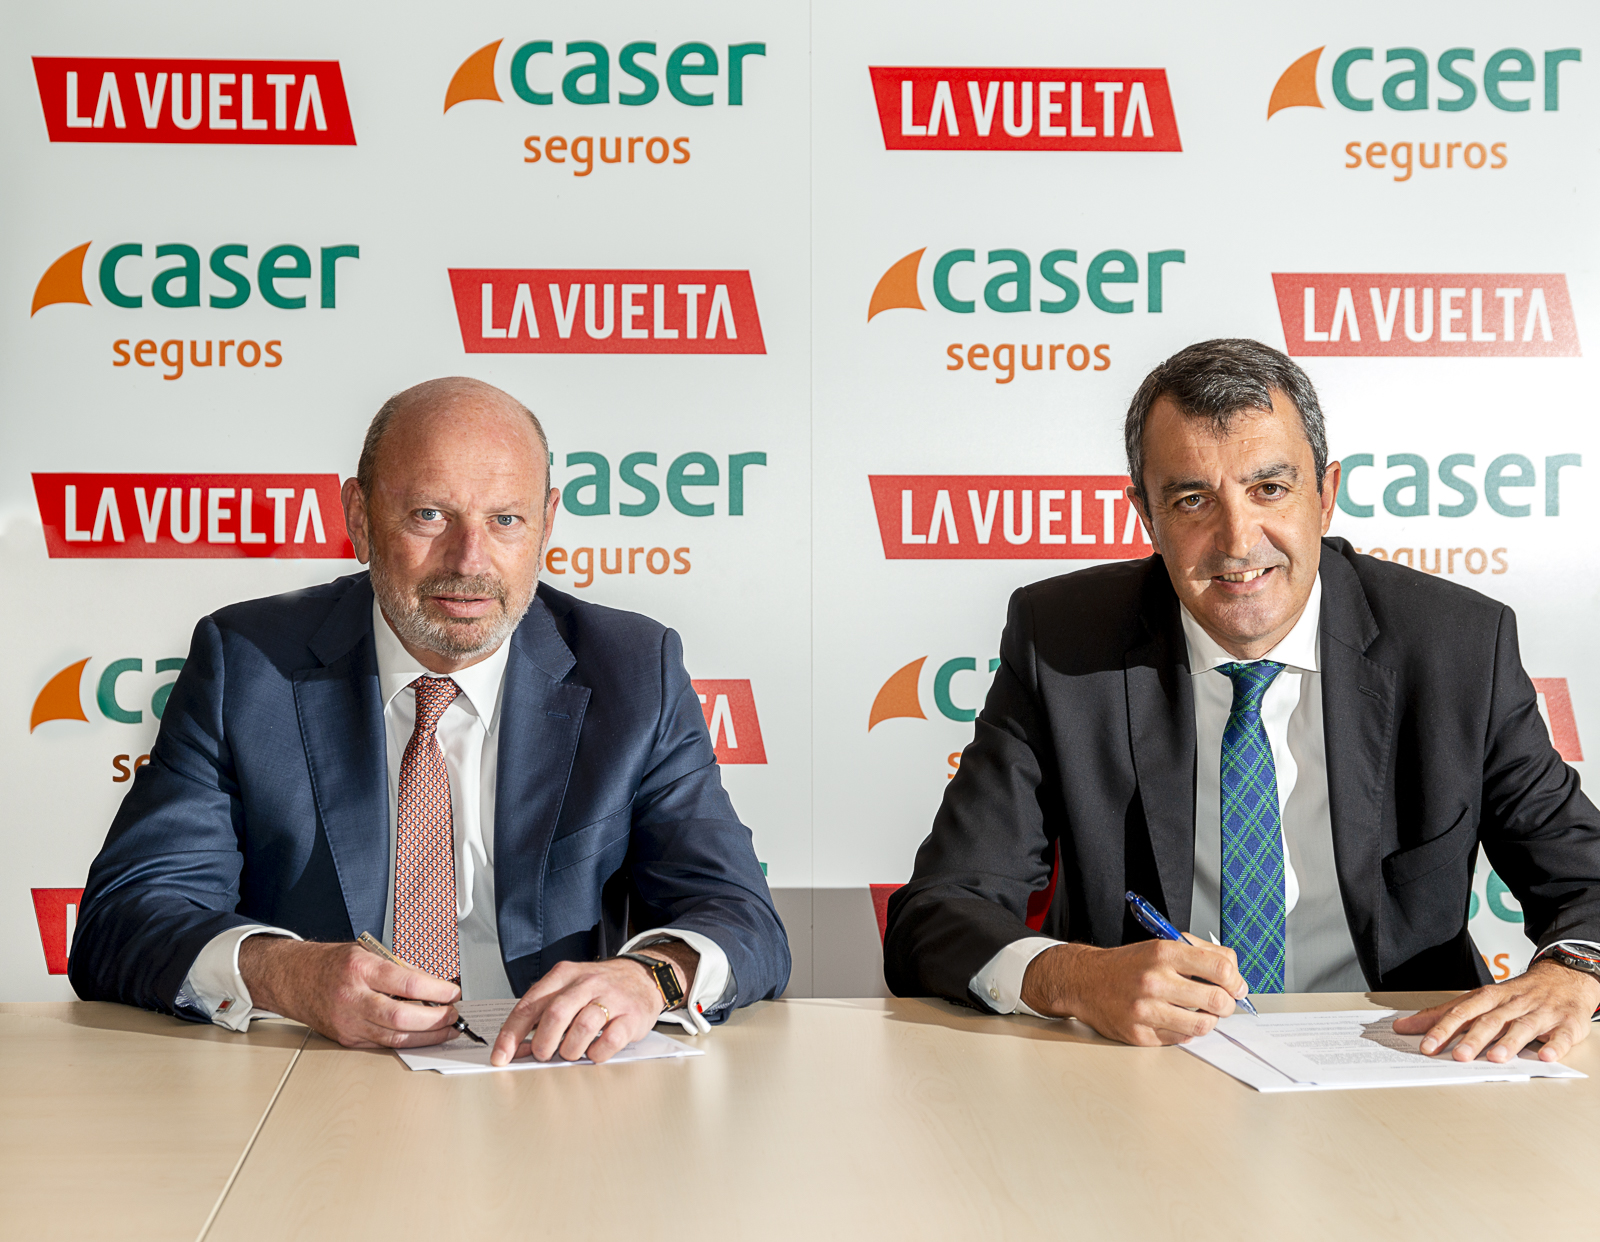 Caser patrocinador de La Vuelta